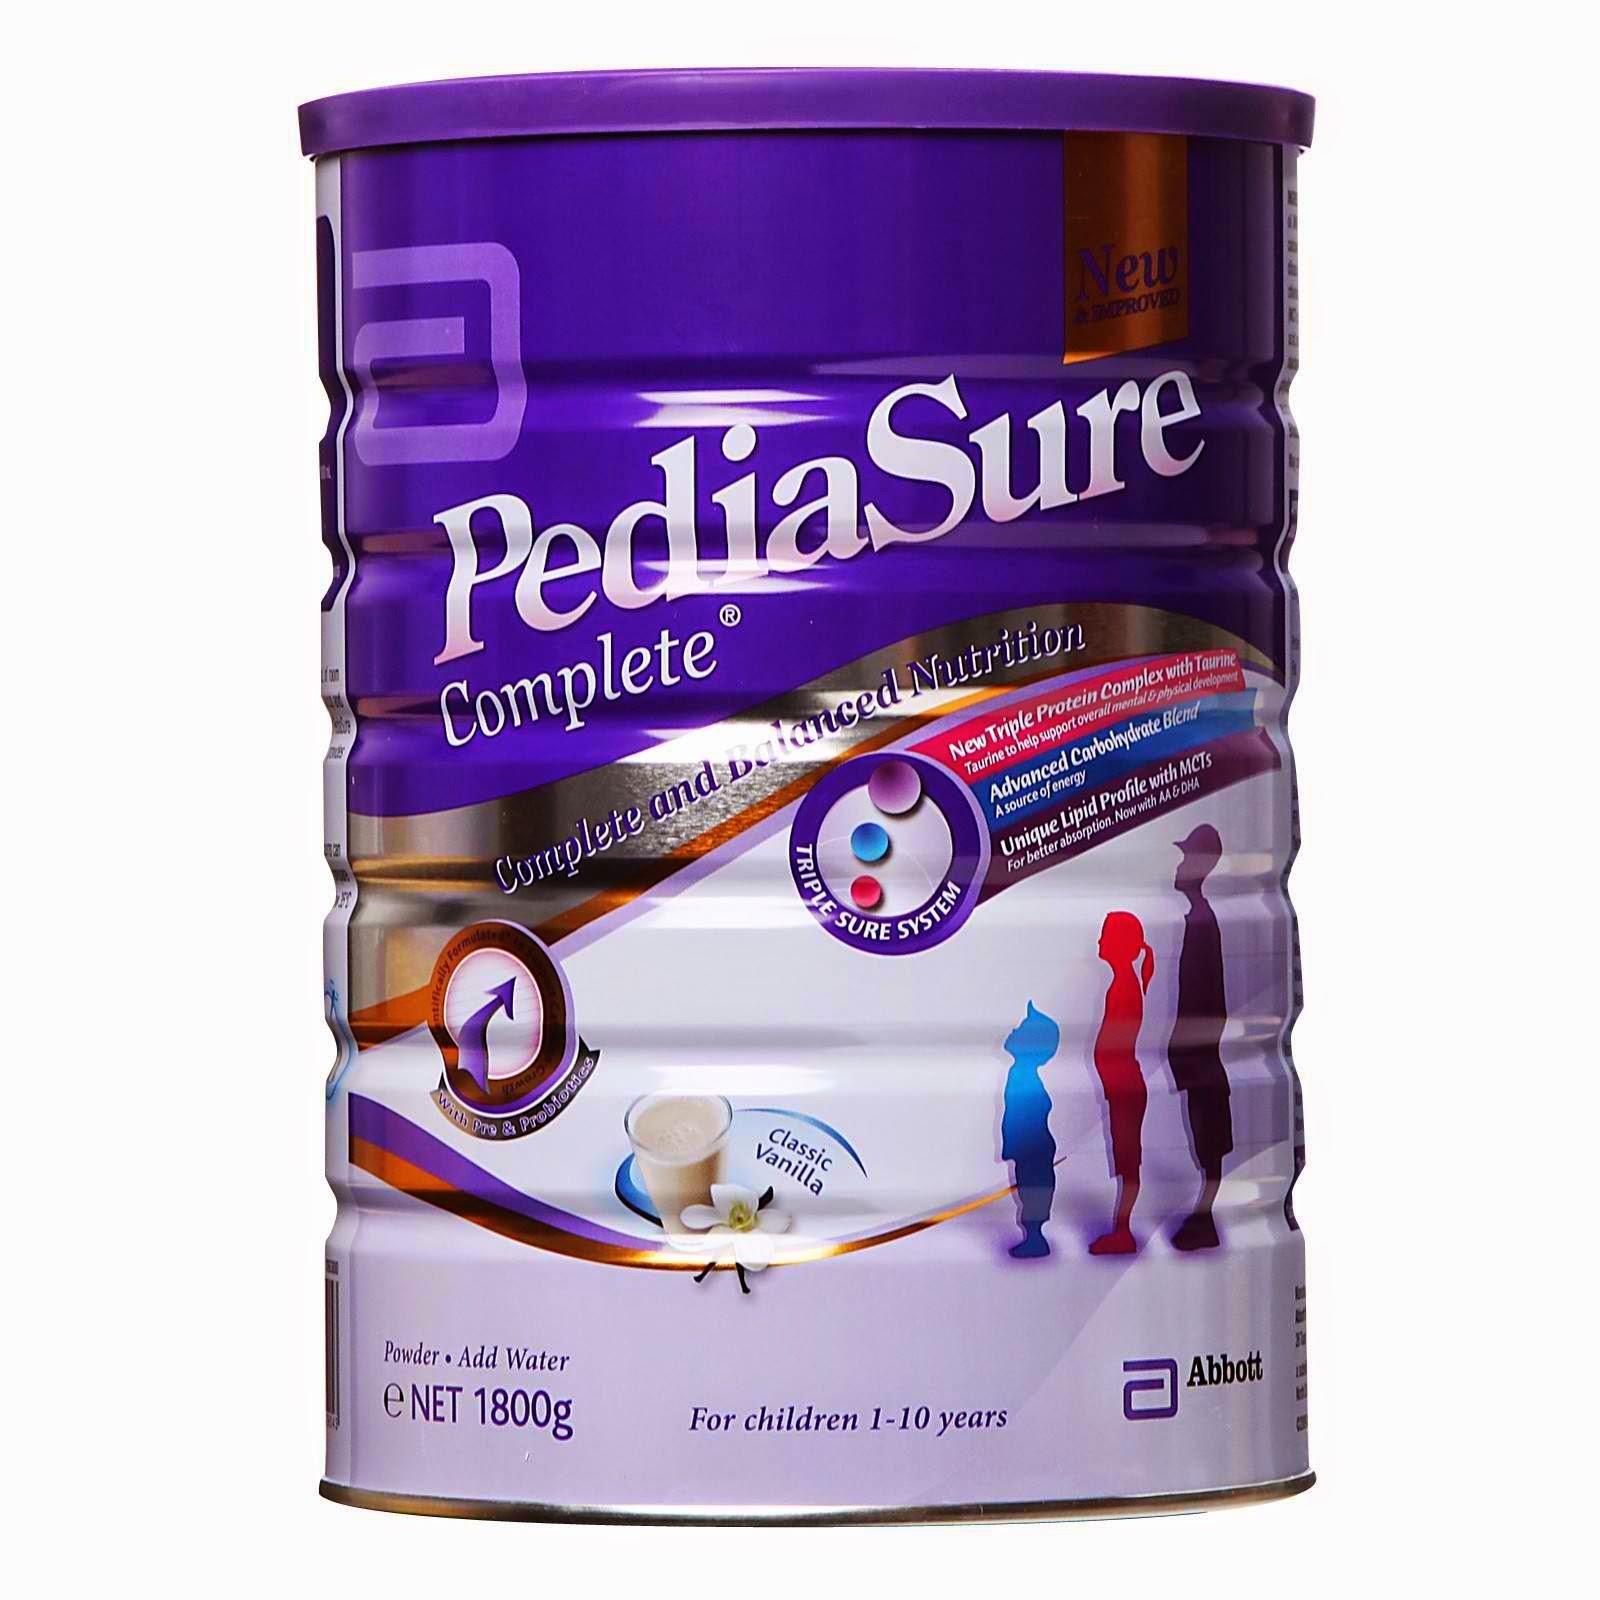 Pediasure milk